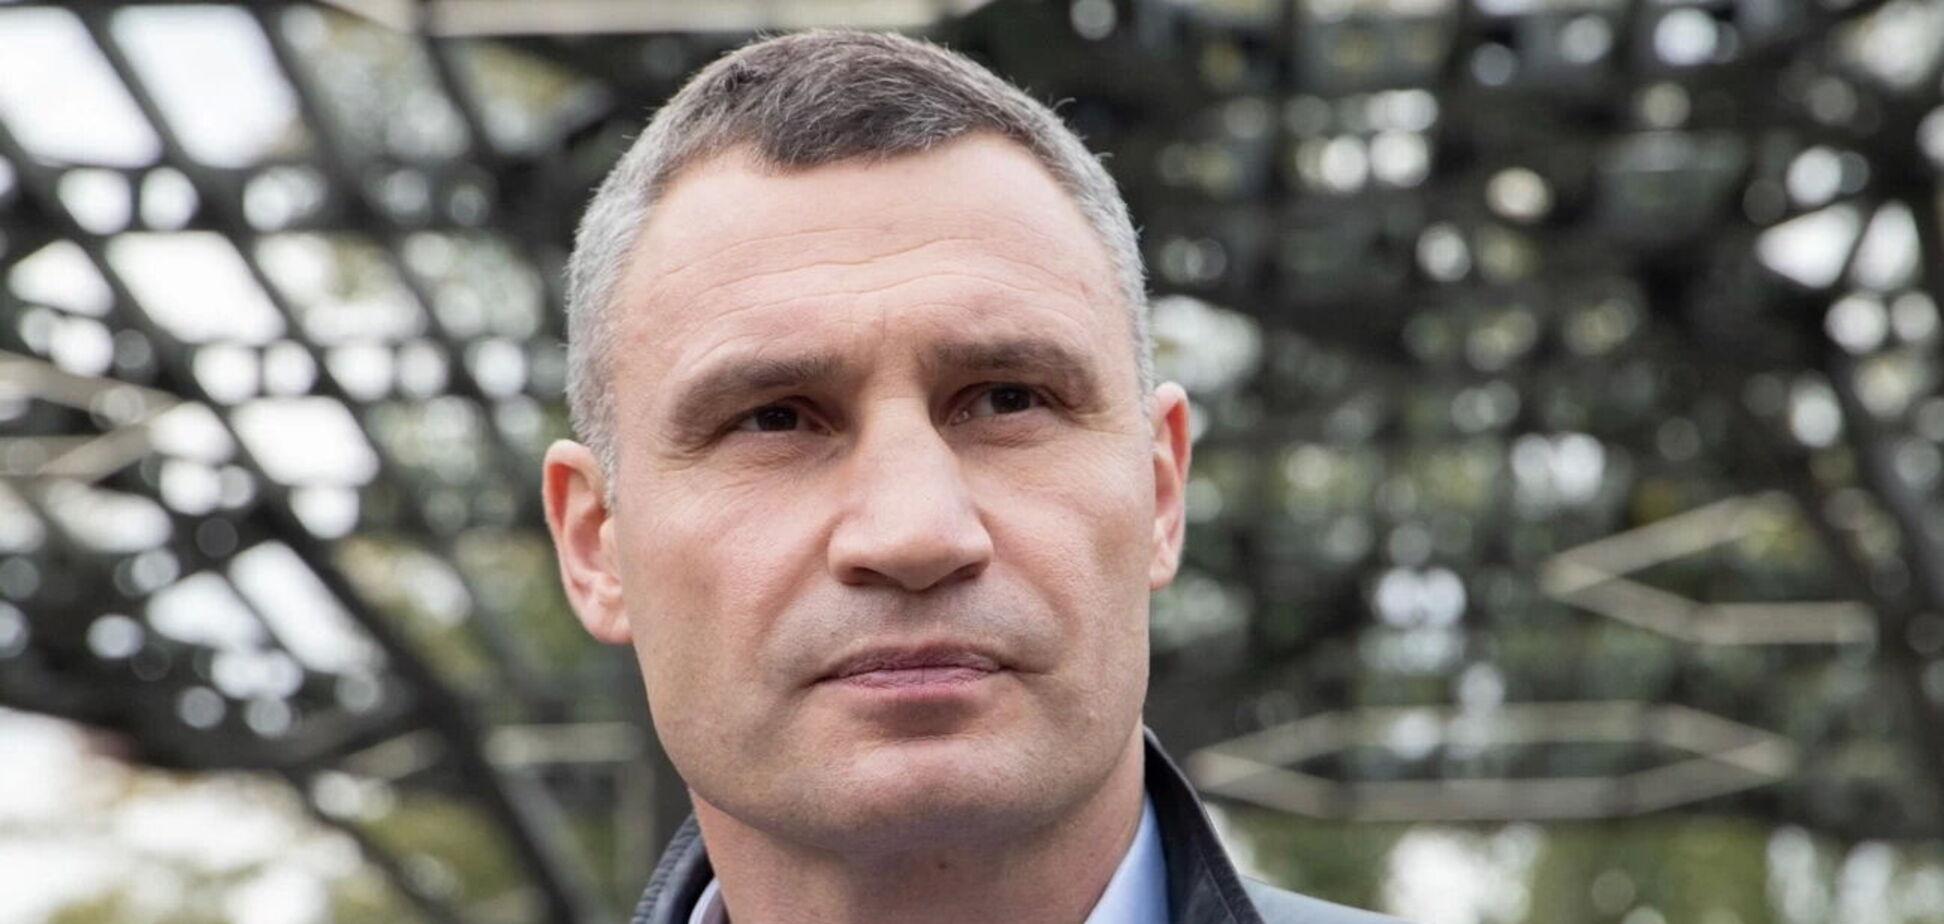 Київрада значно збільшила бюджет столиці: кому дадуть гроші